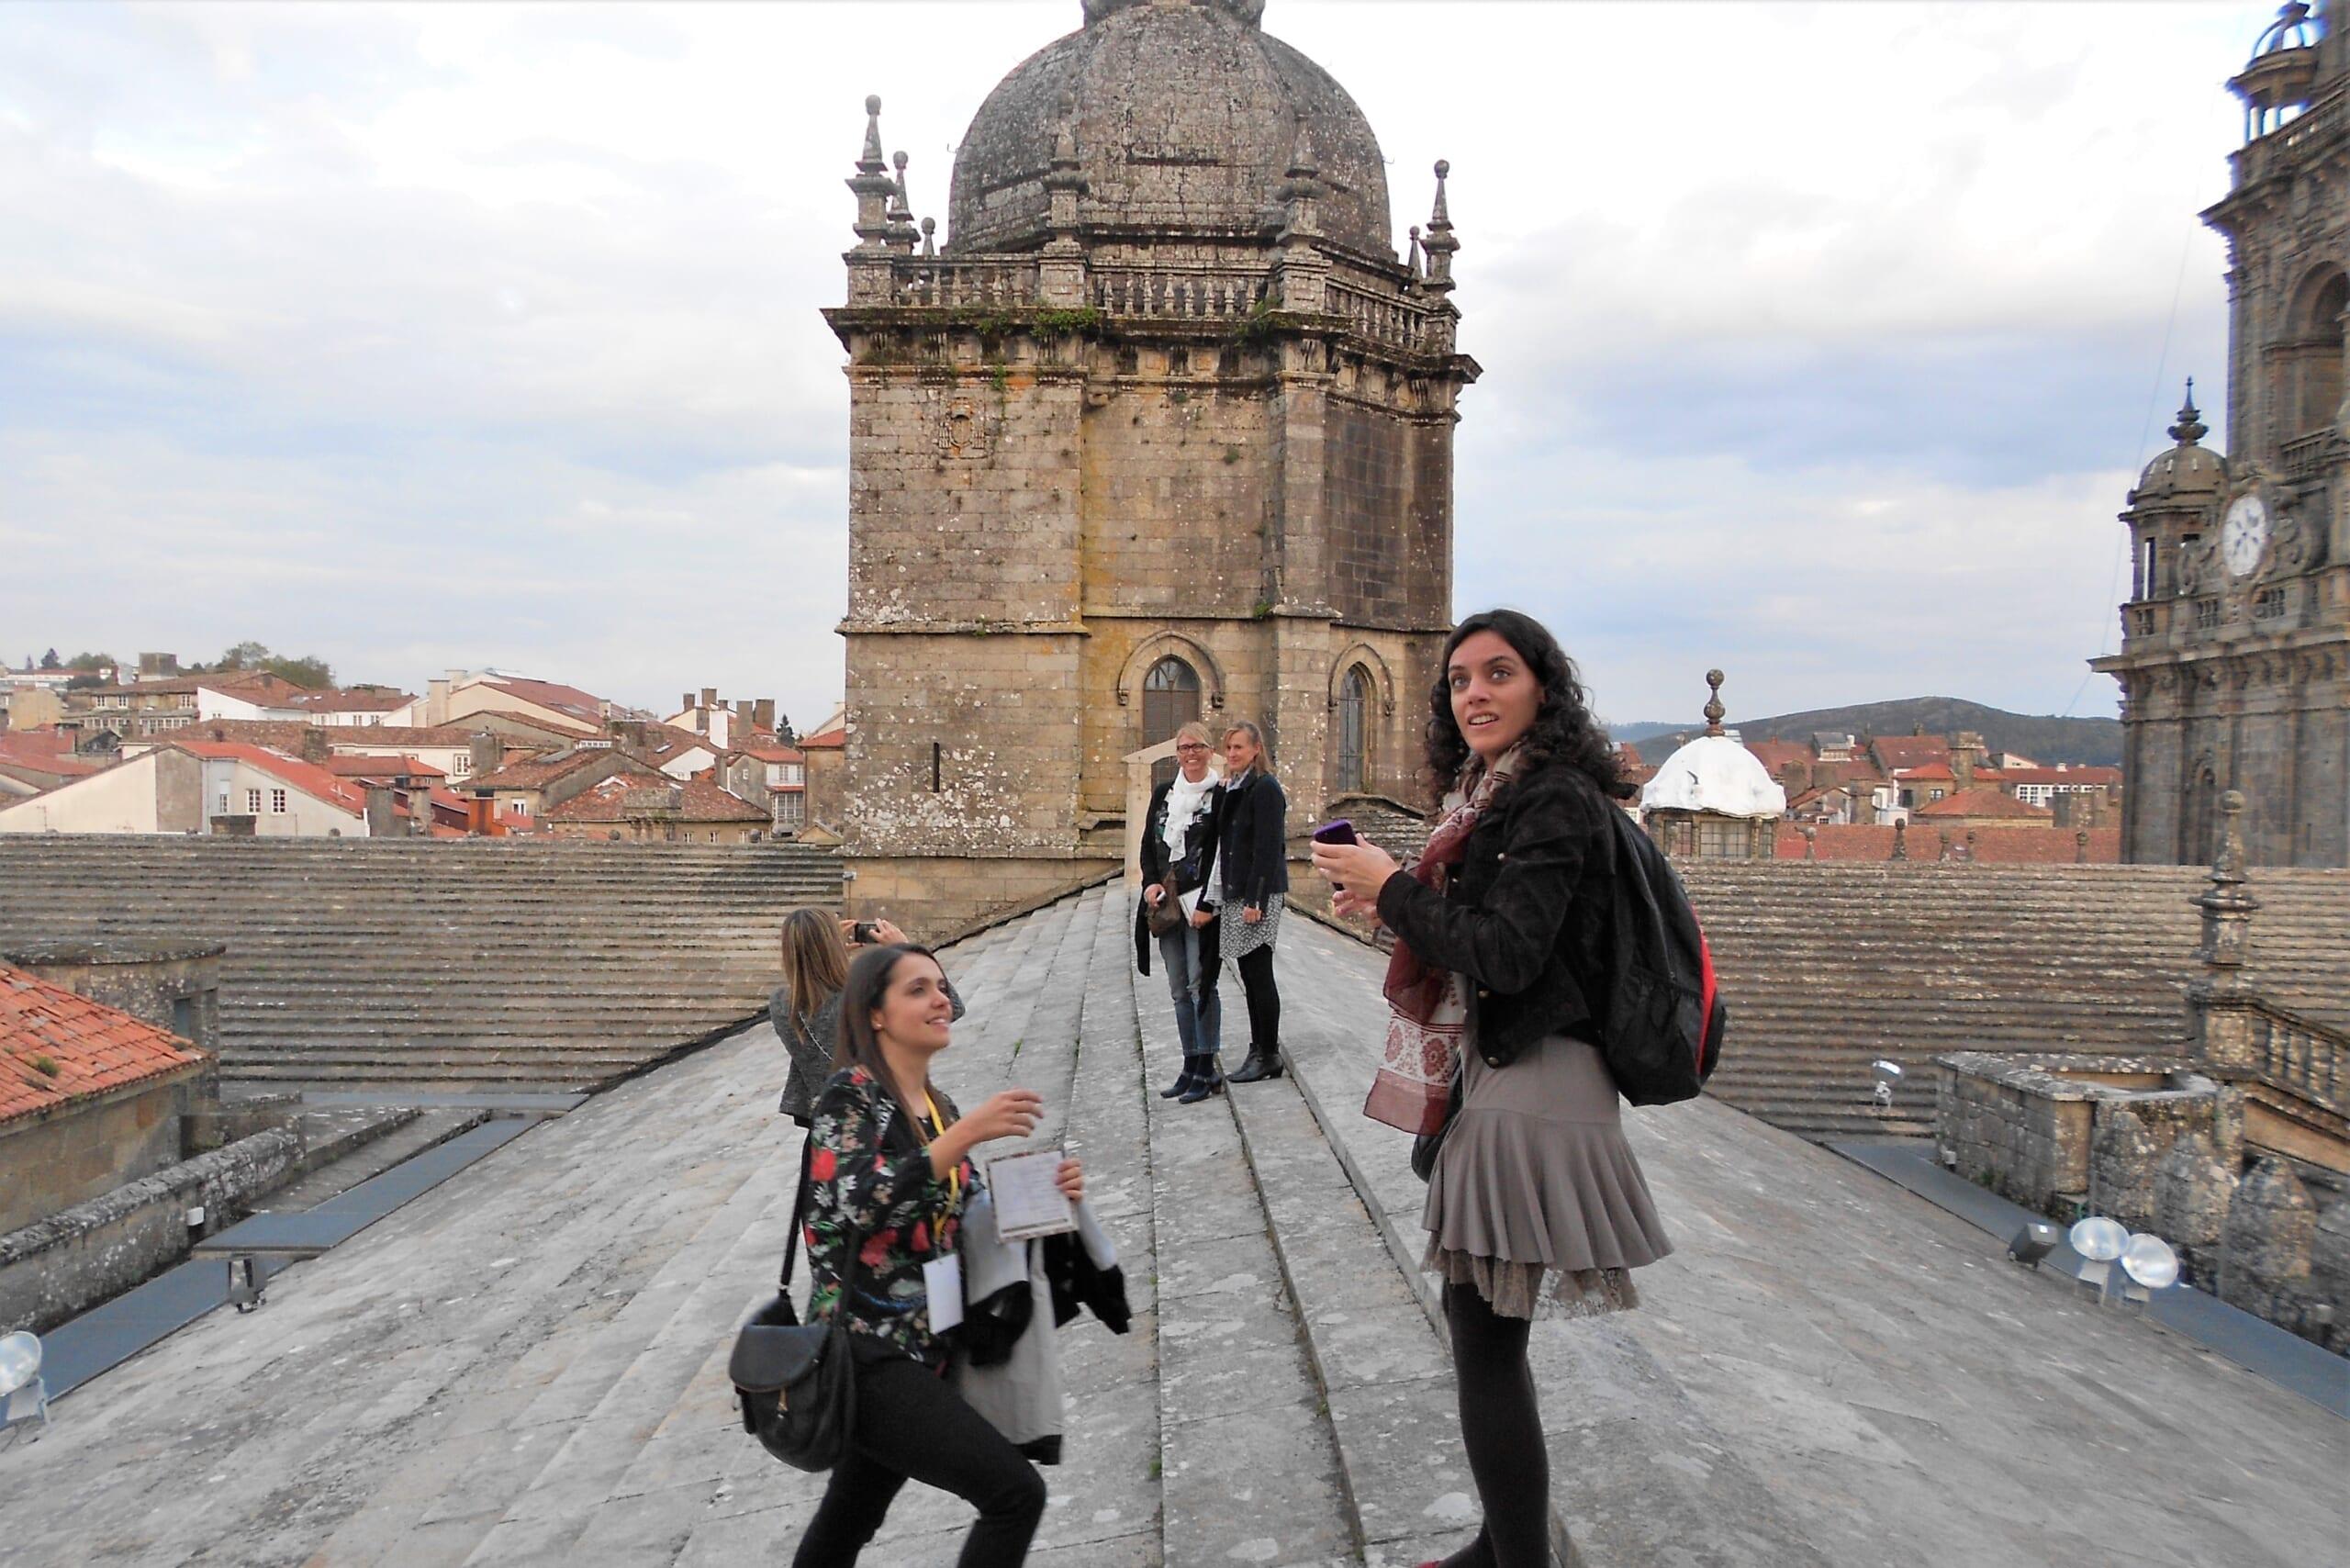 北スペインのサンティアゴ巡礼路の最終目的地であるサンティアゴ・デ・コンポステーラ大聖堂の屋根上